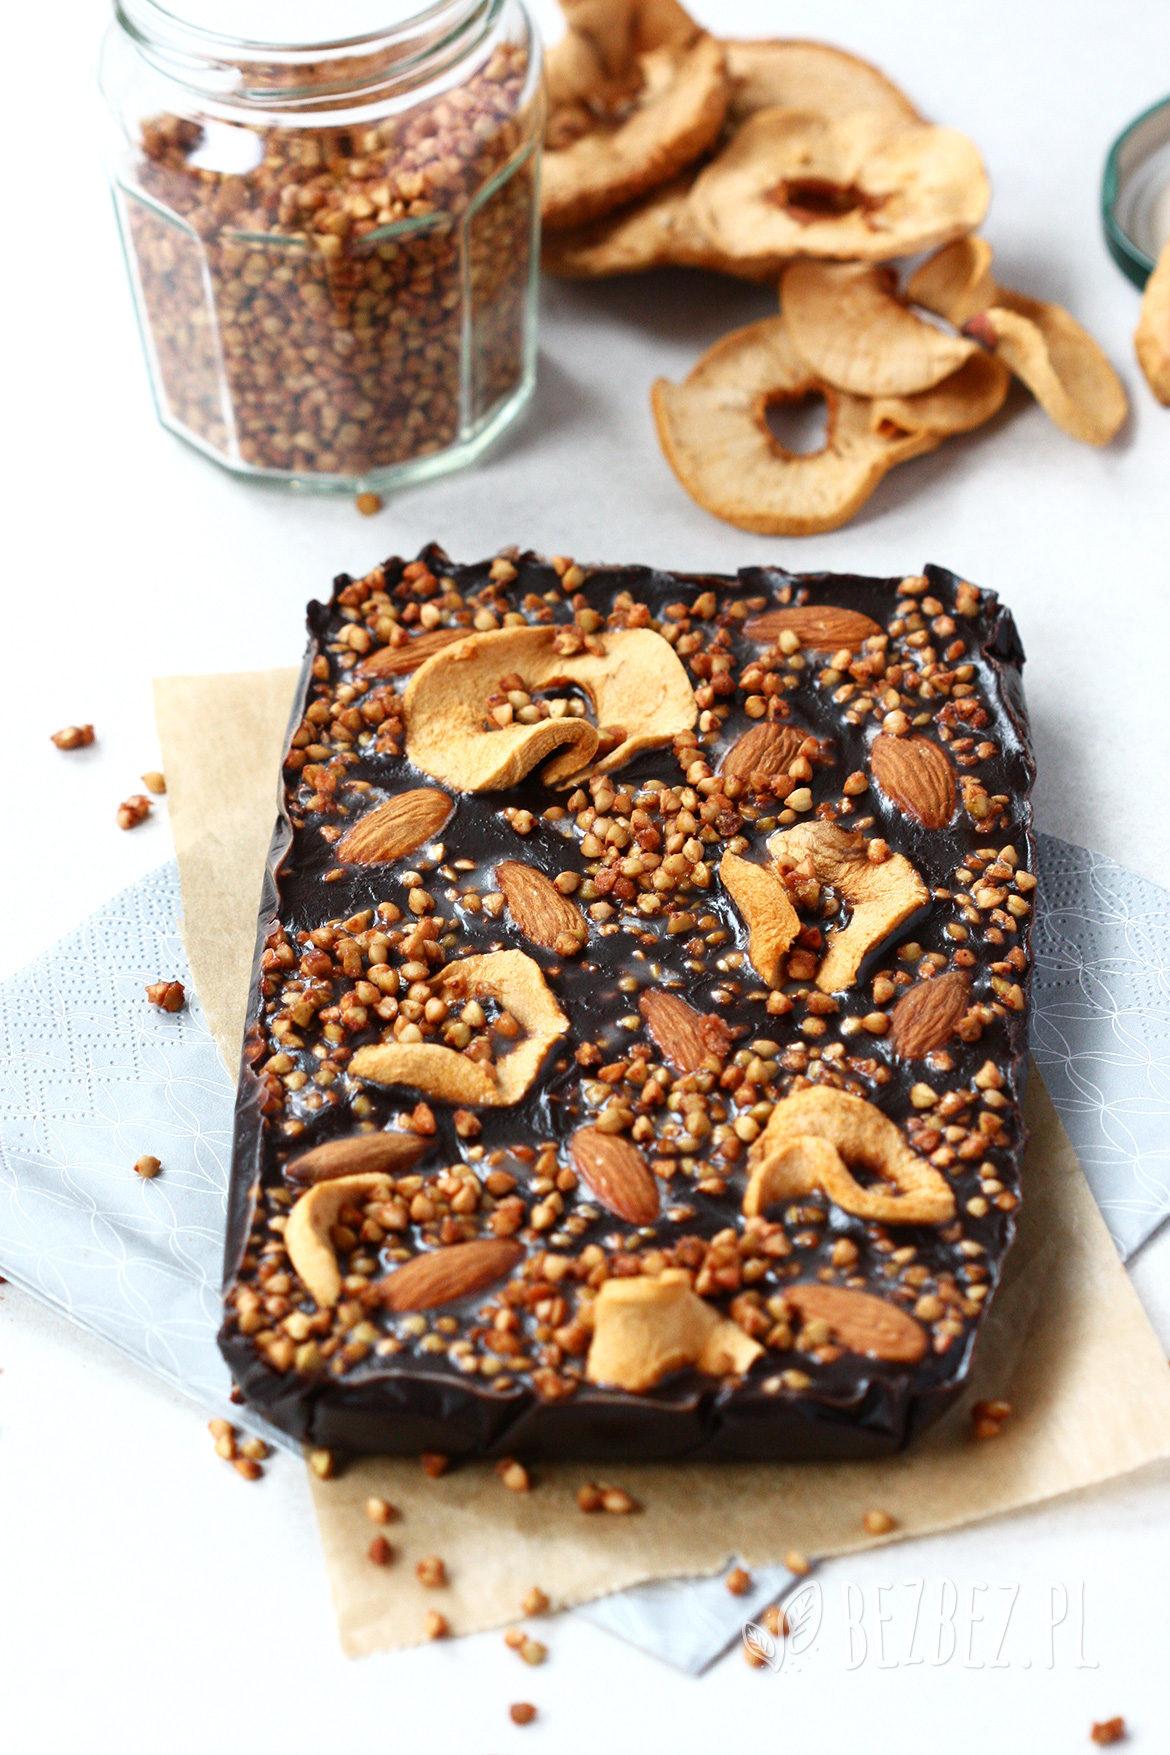 Domowa czekolada bez glutenu, wegańska